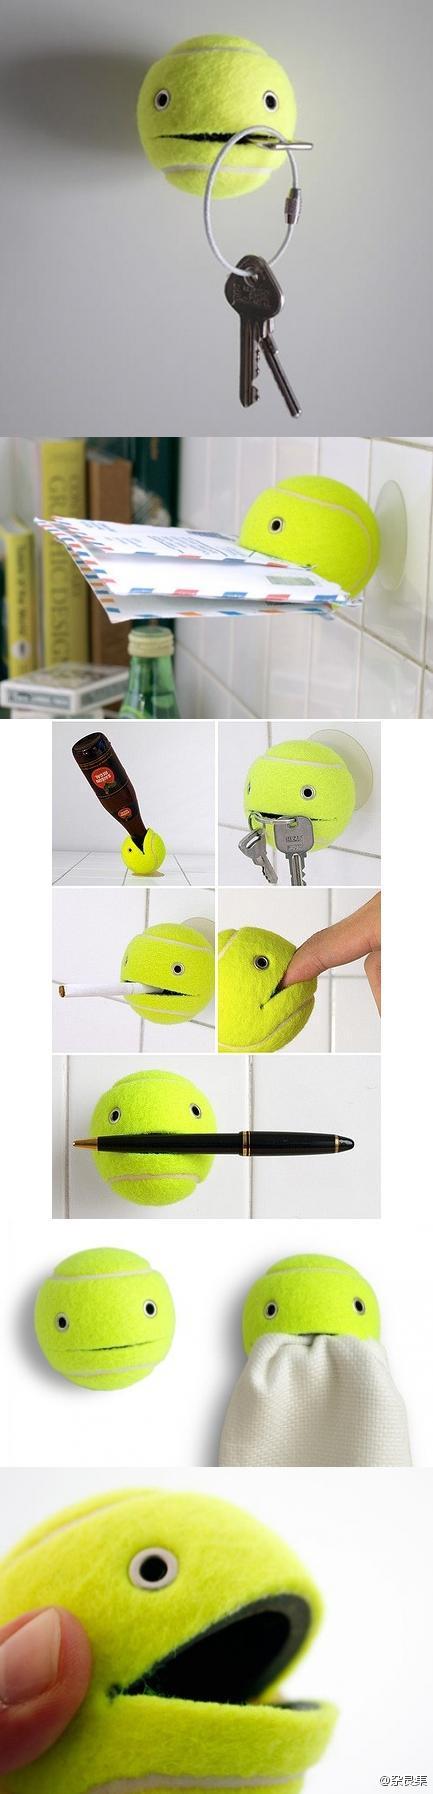 tennis-ball-2